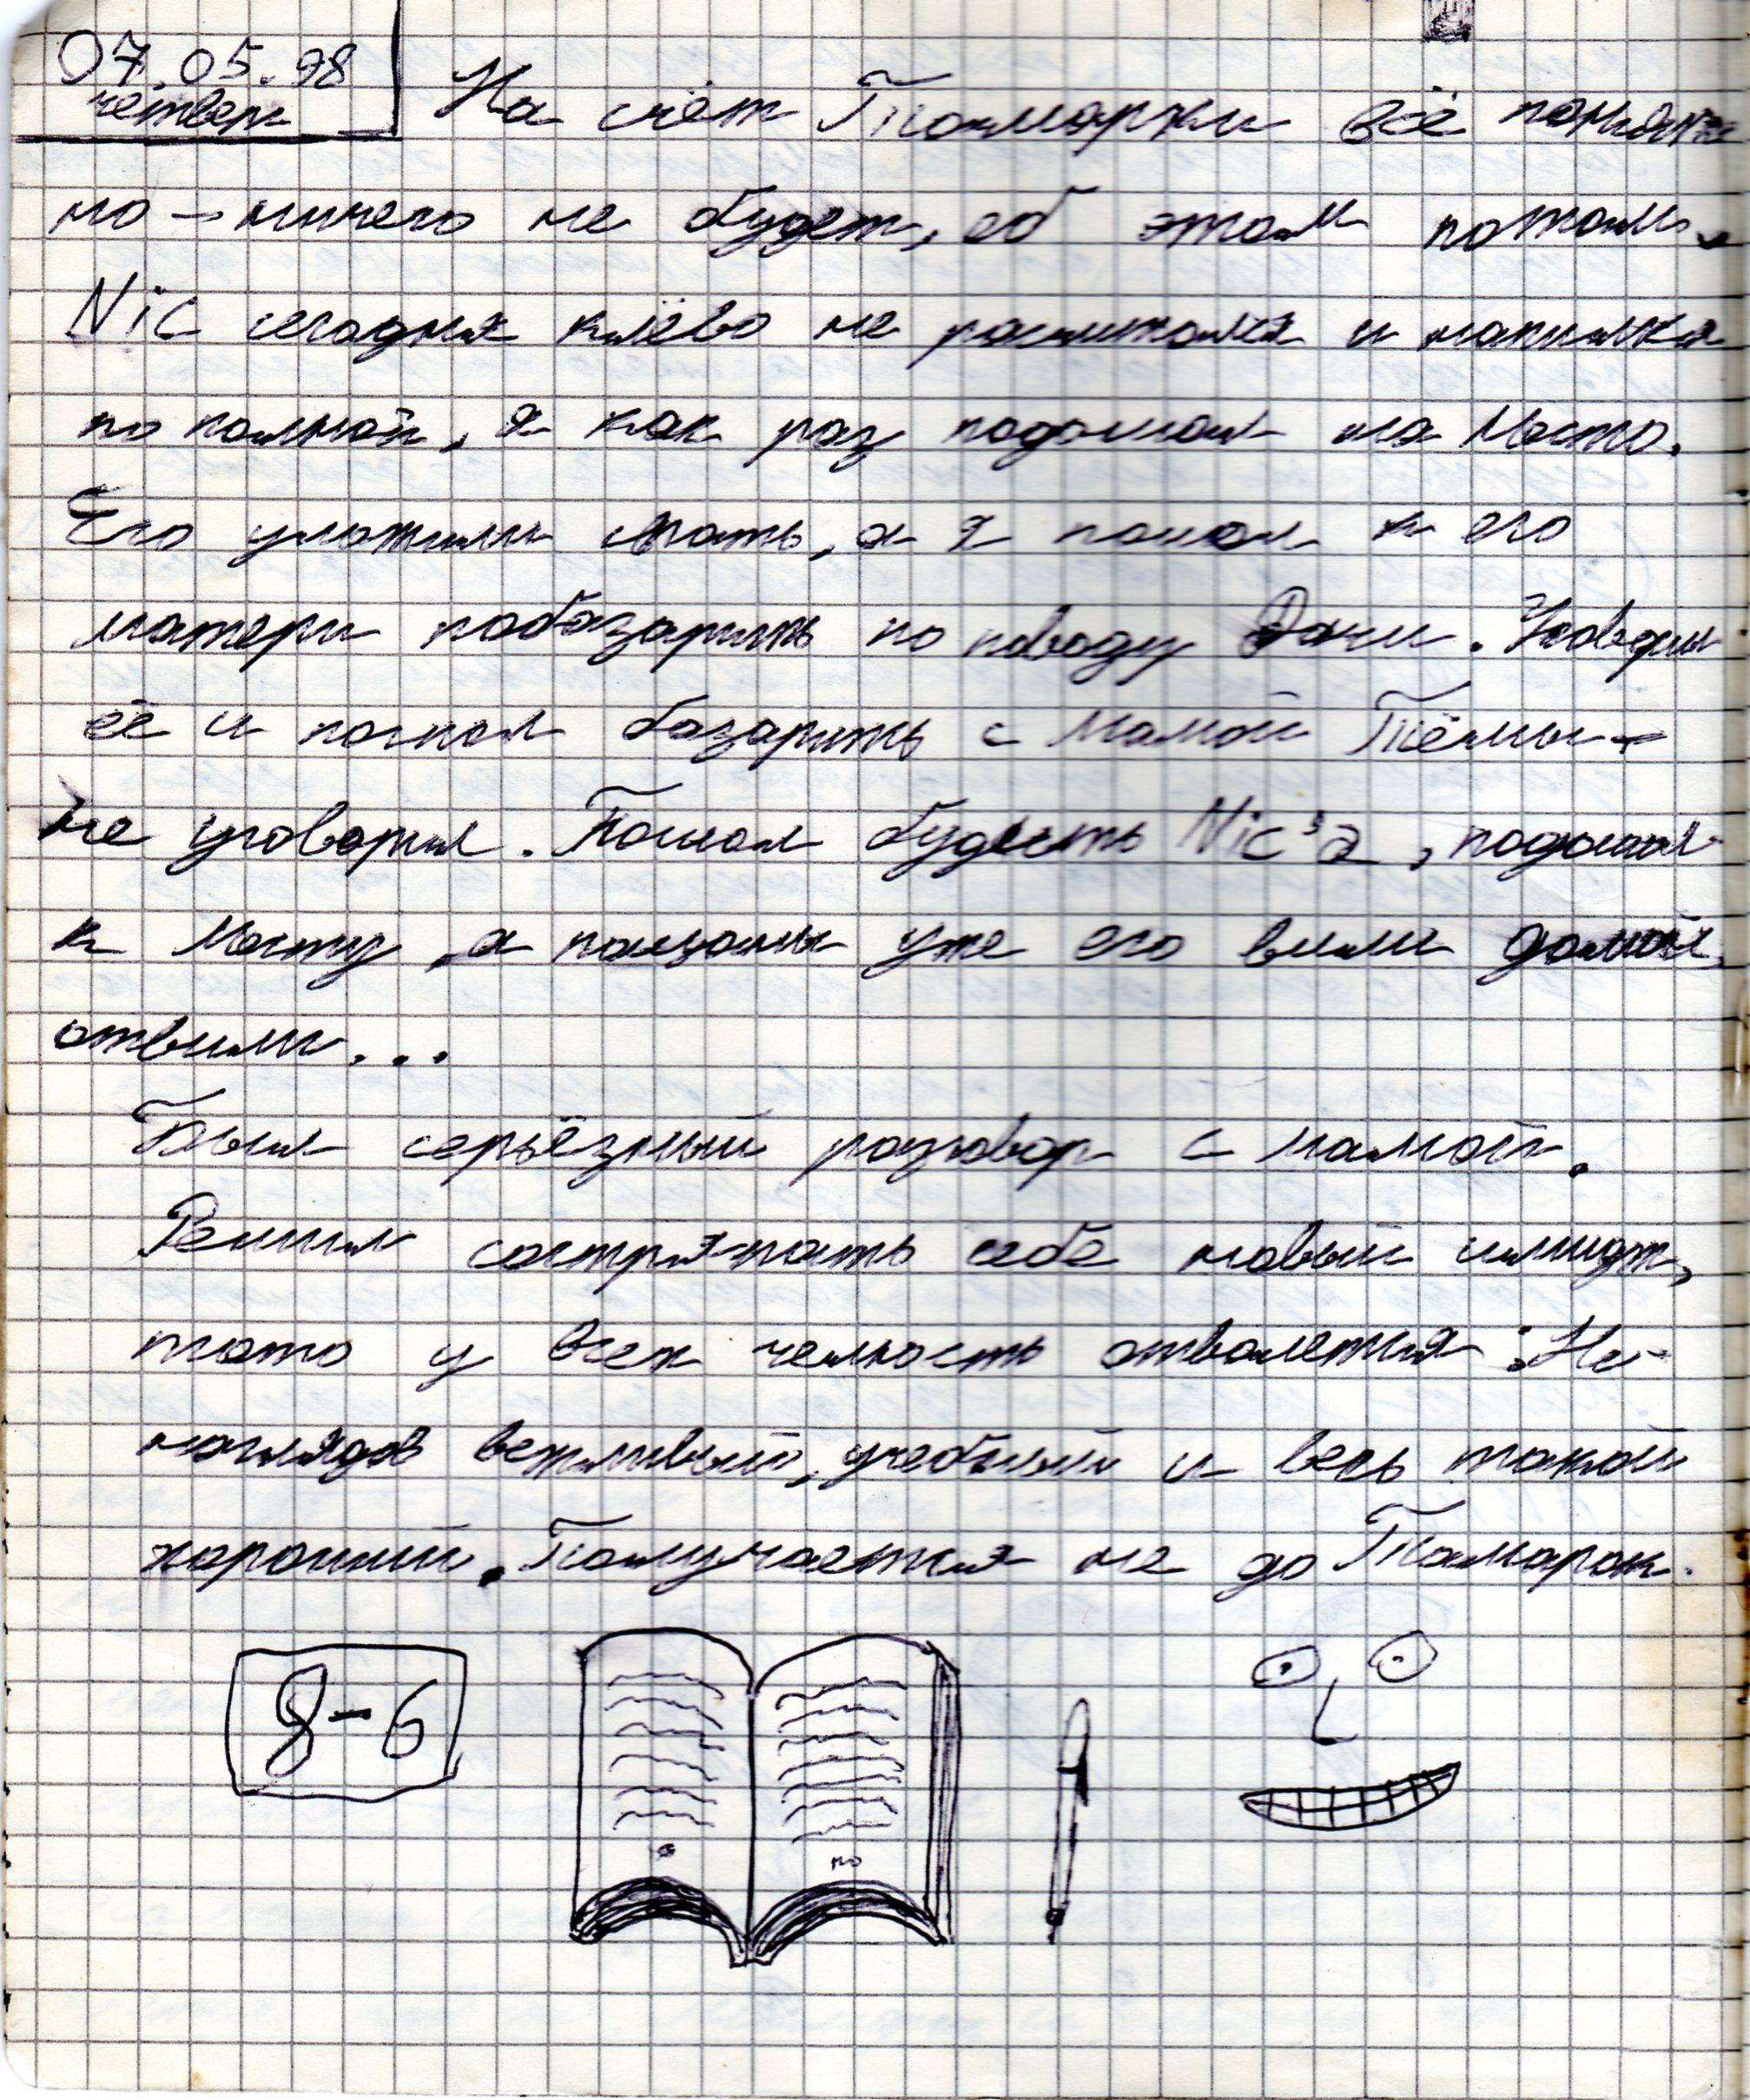 Запись из дневника от 07.05.1998